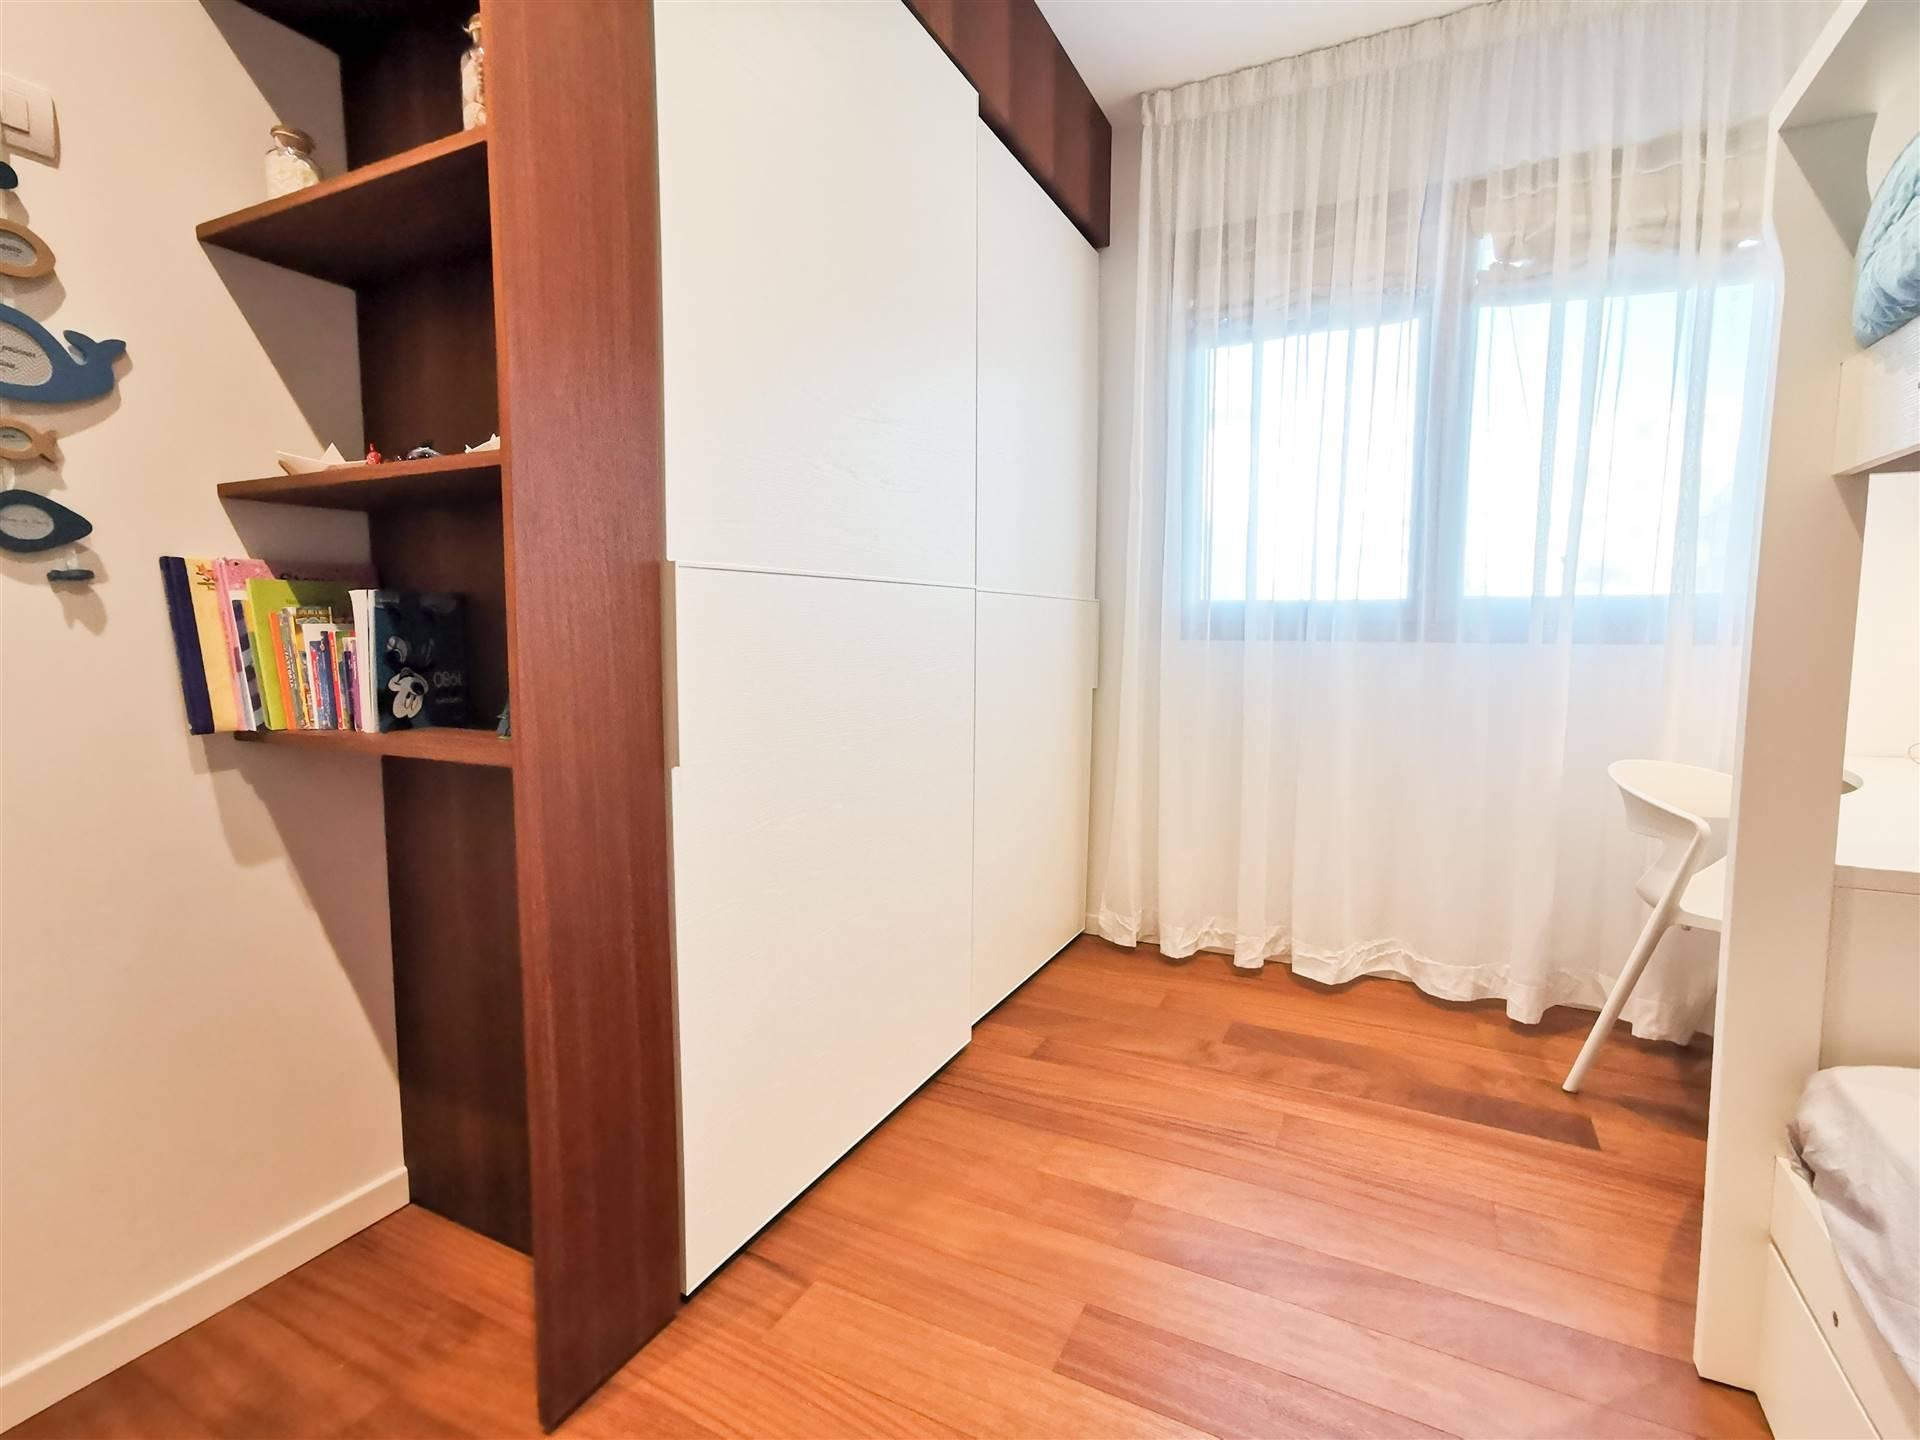 JESOLO Appartamento con due camere signorile con domotica Foto 14